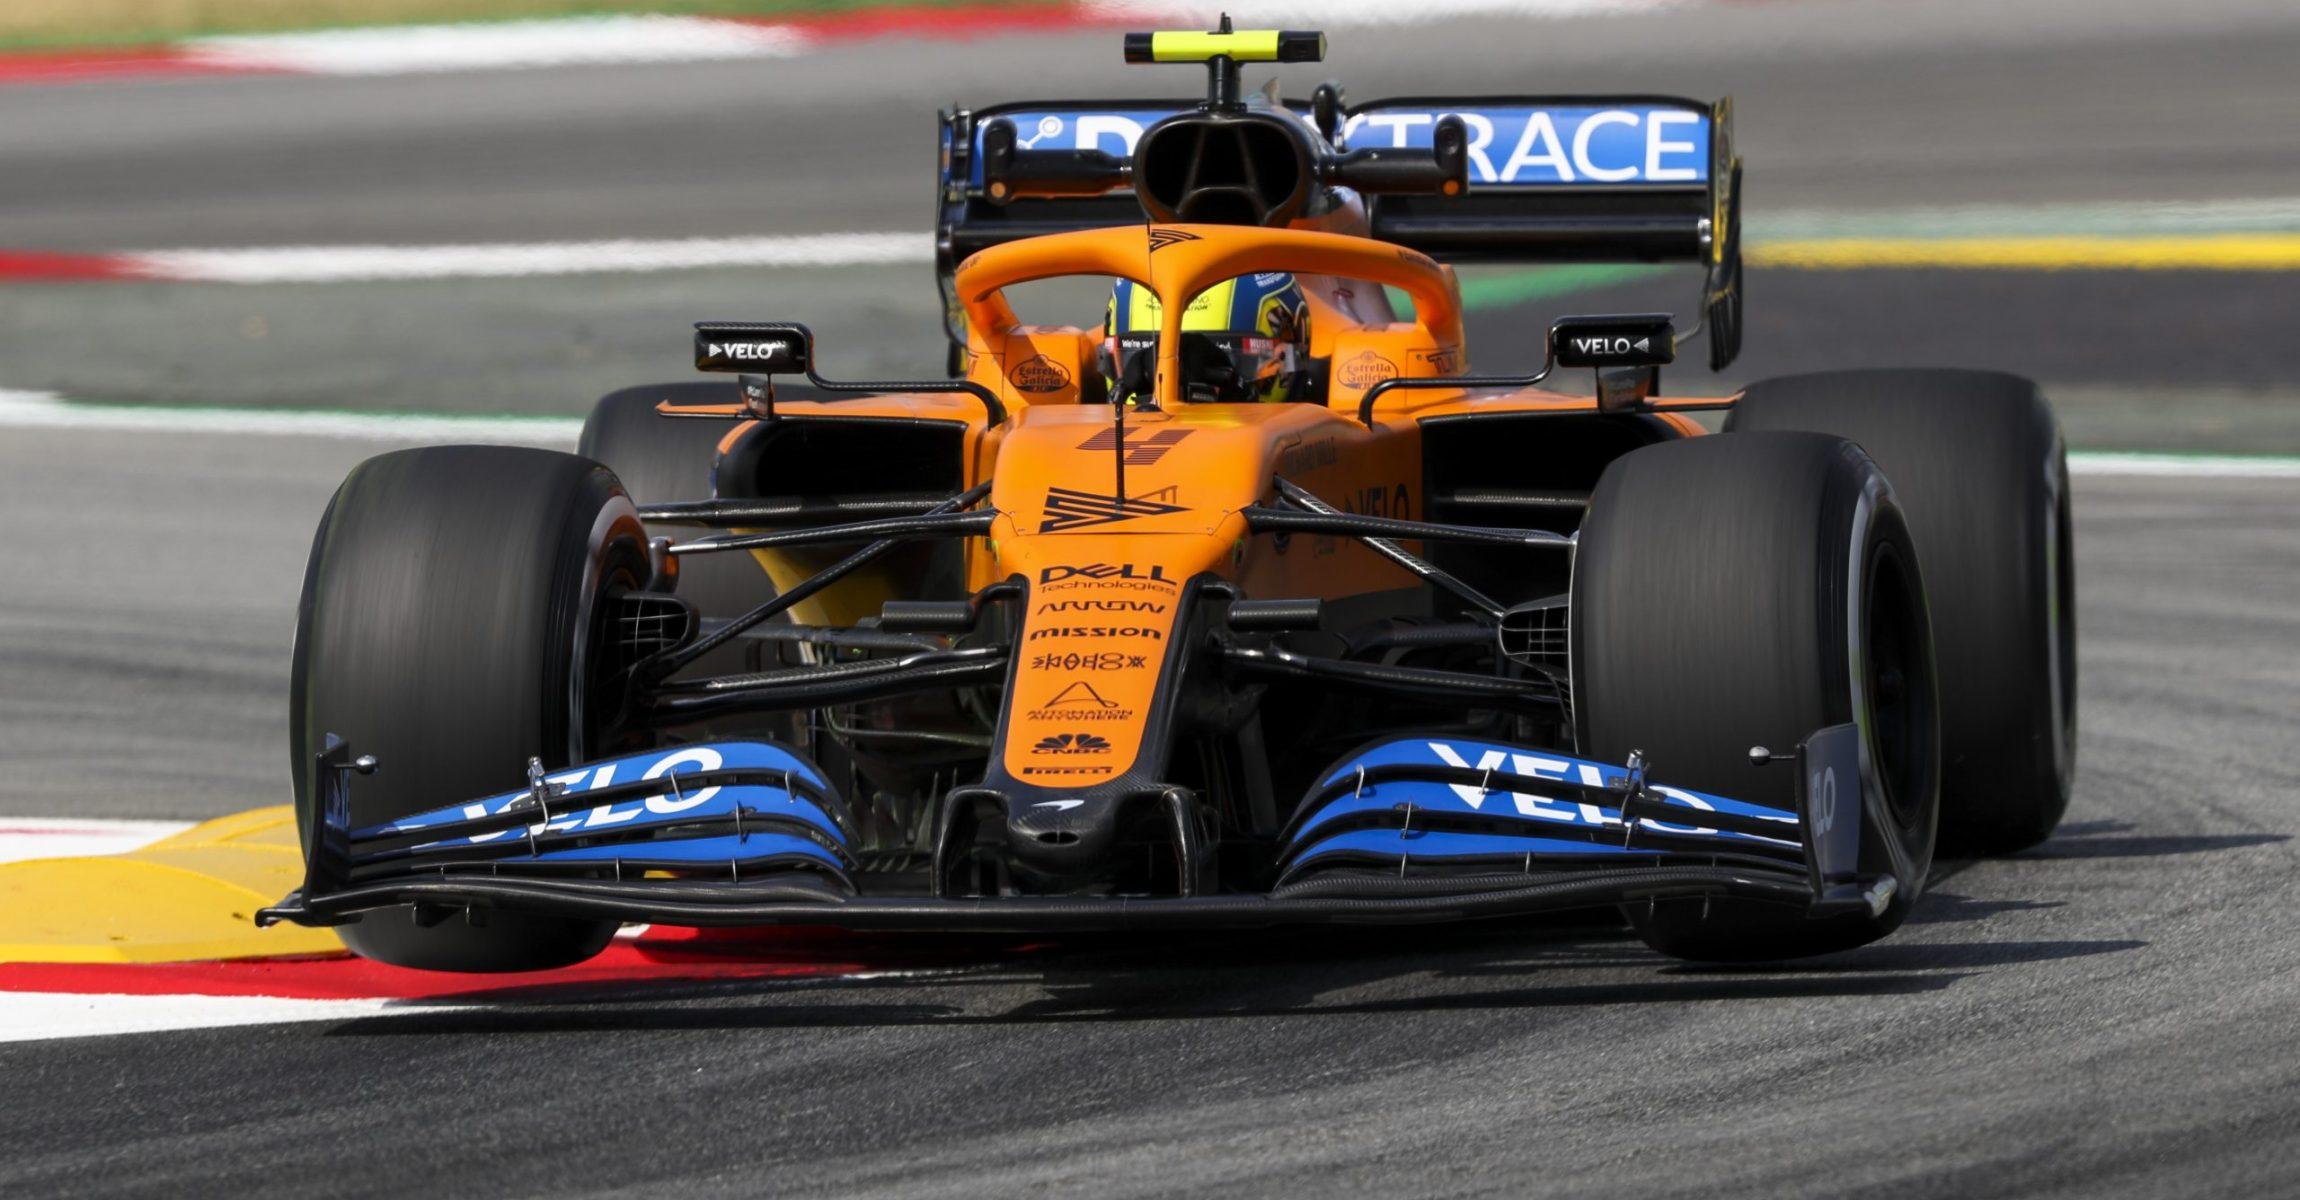 Lando Norris, McLaren MCL35, bounces over a kerb in a chicane